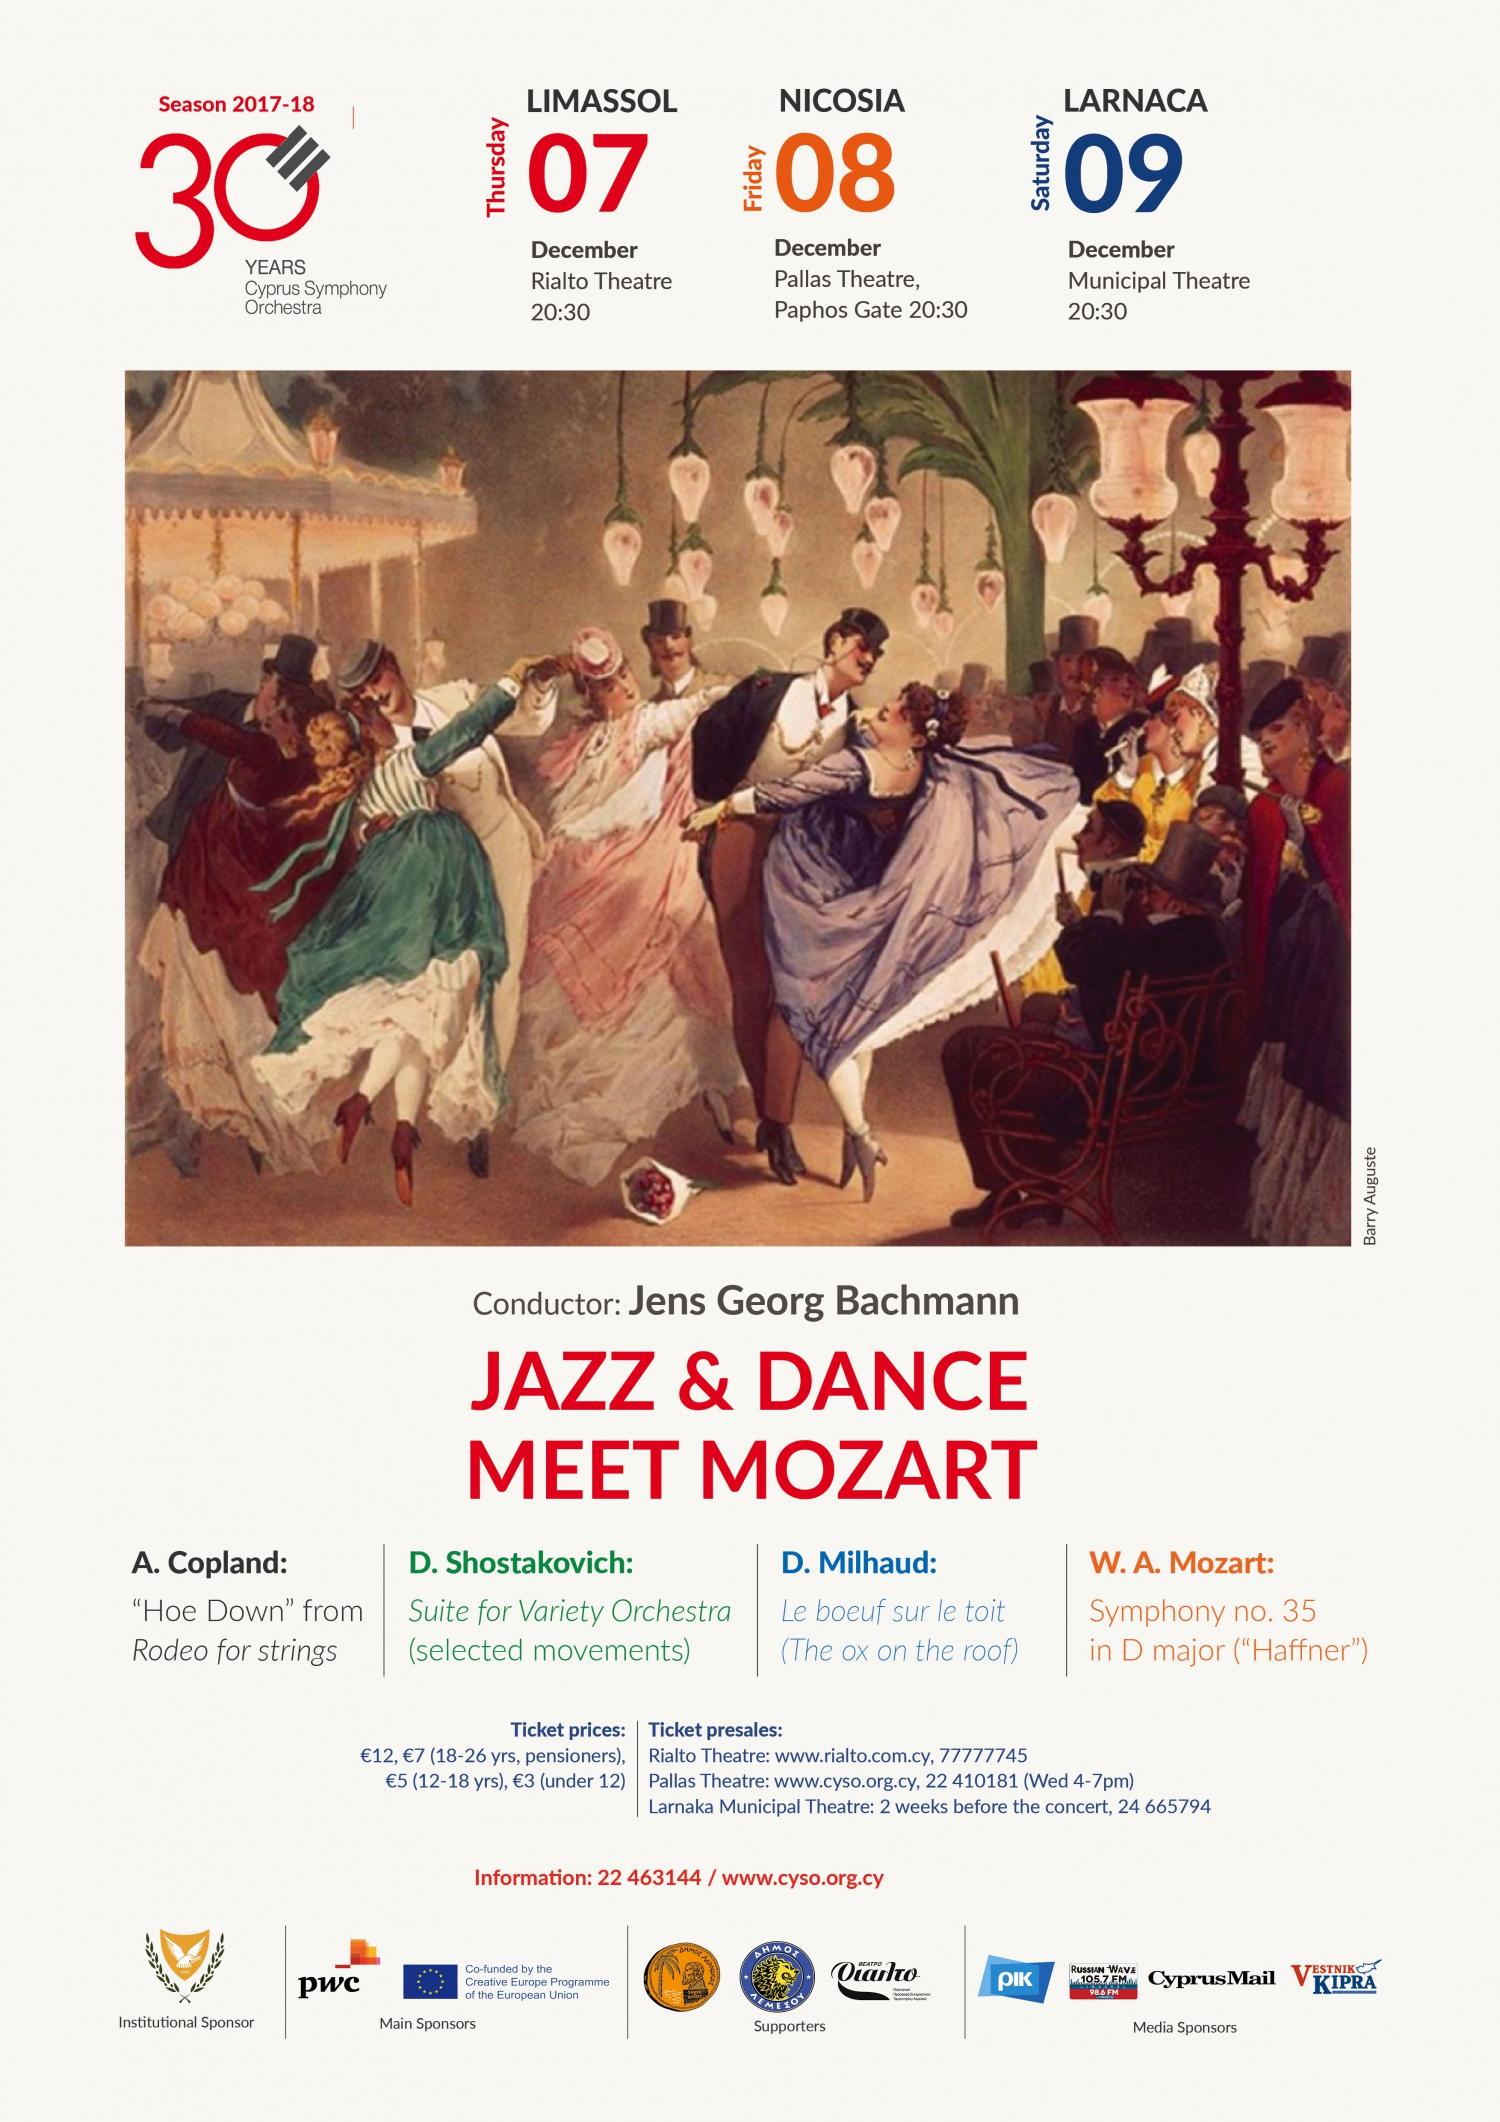 Dance and Jazz Meet Mozart